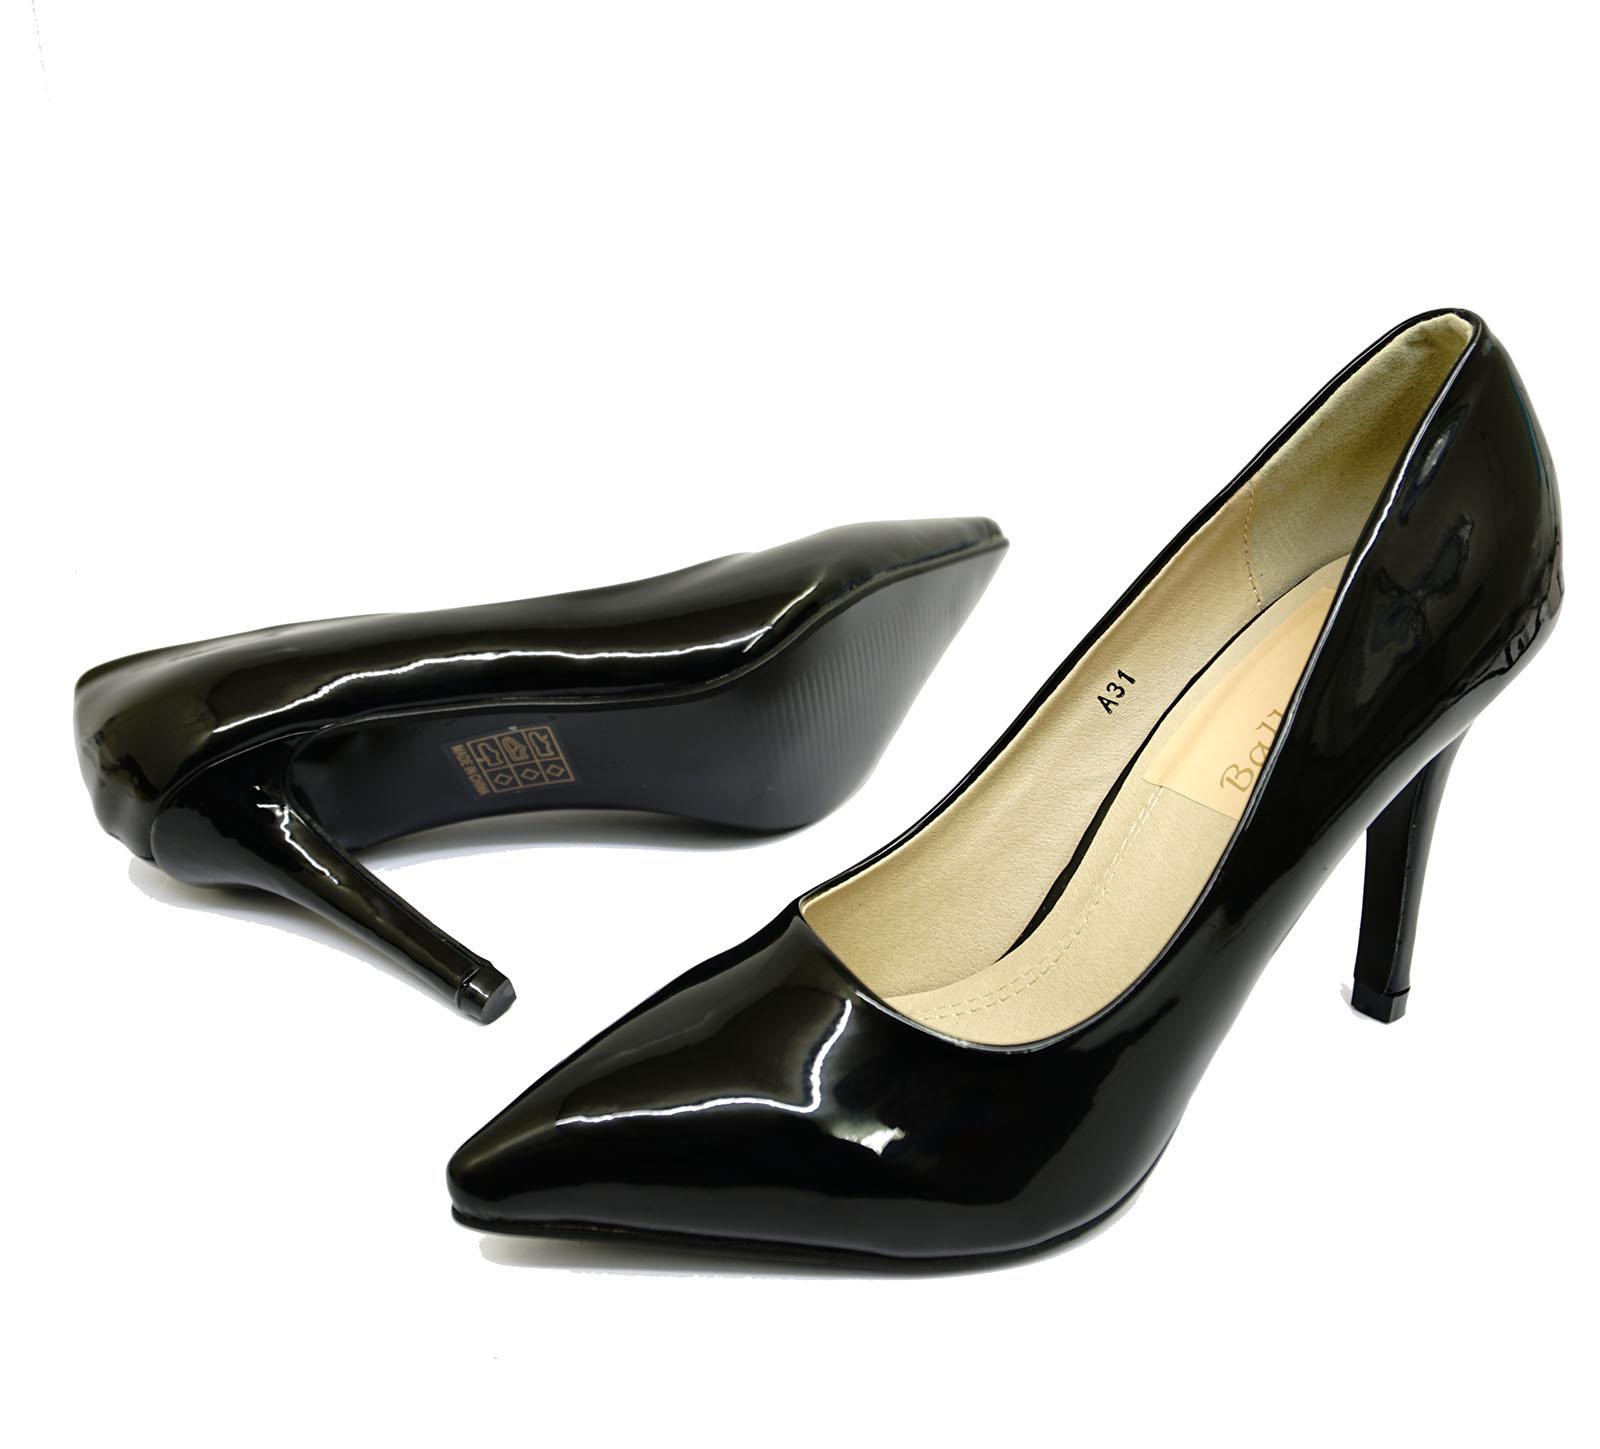 Señoras negras de patente Stiletto Tacón Alto Sin Cordones Zapatos Trabajo Tribunal inteligente Tamaños 3-8